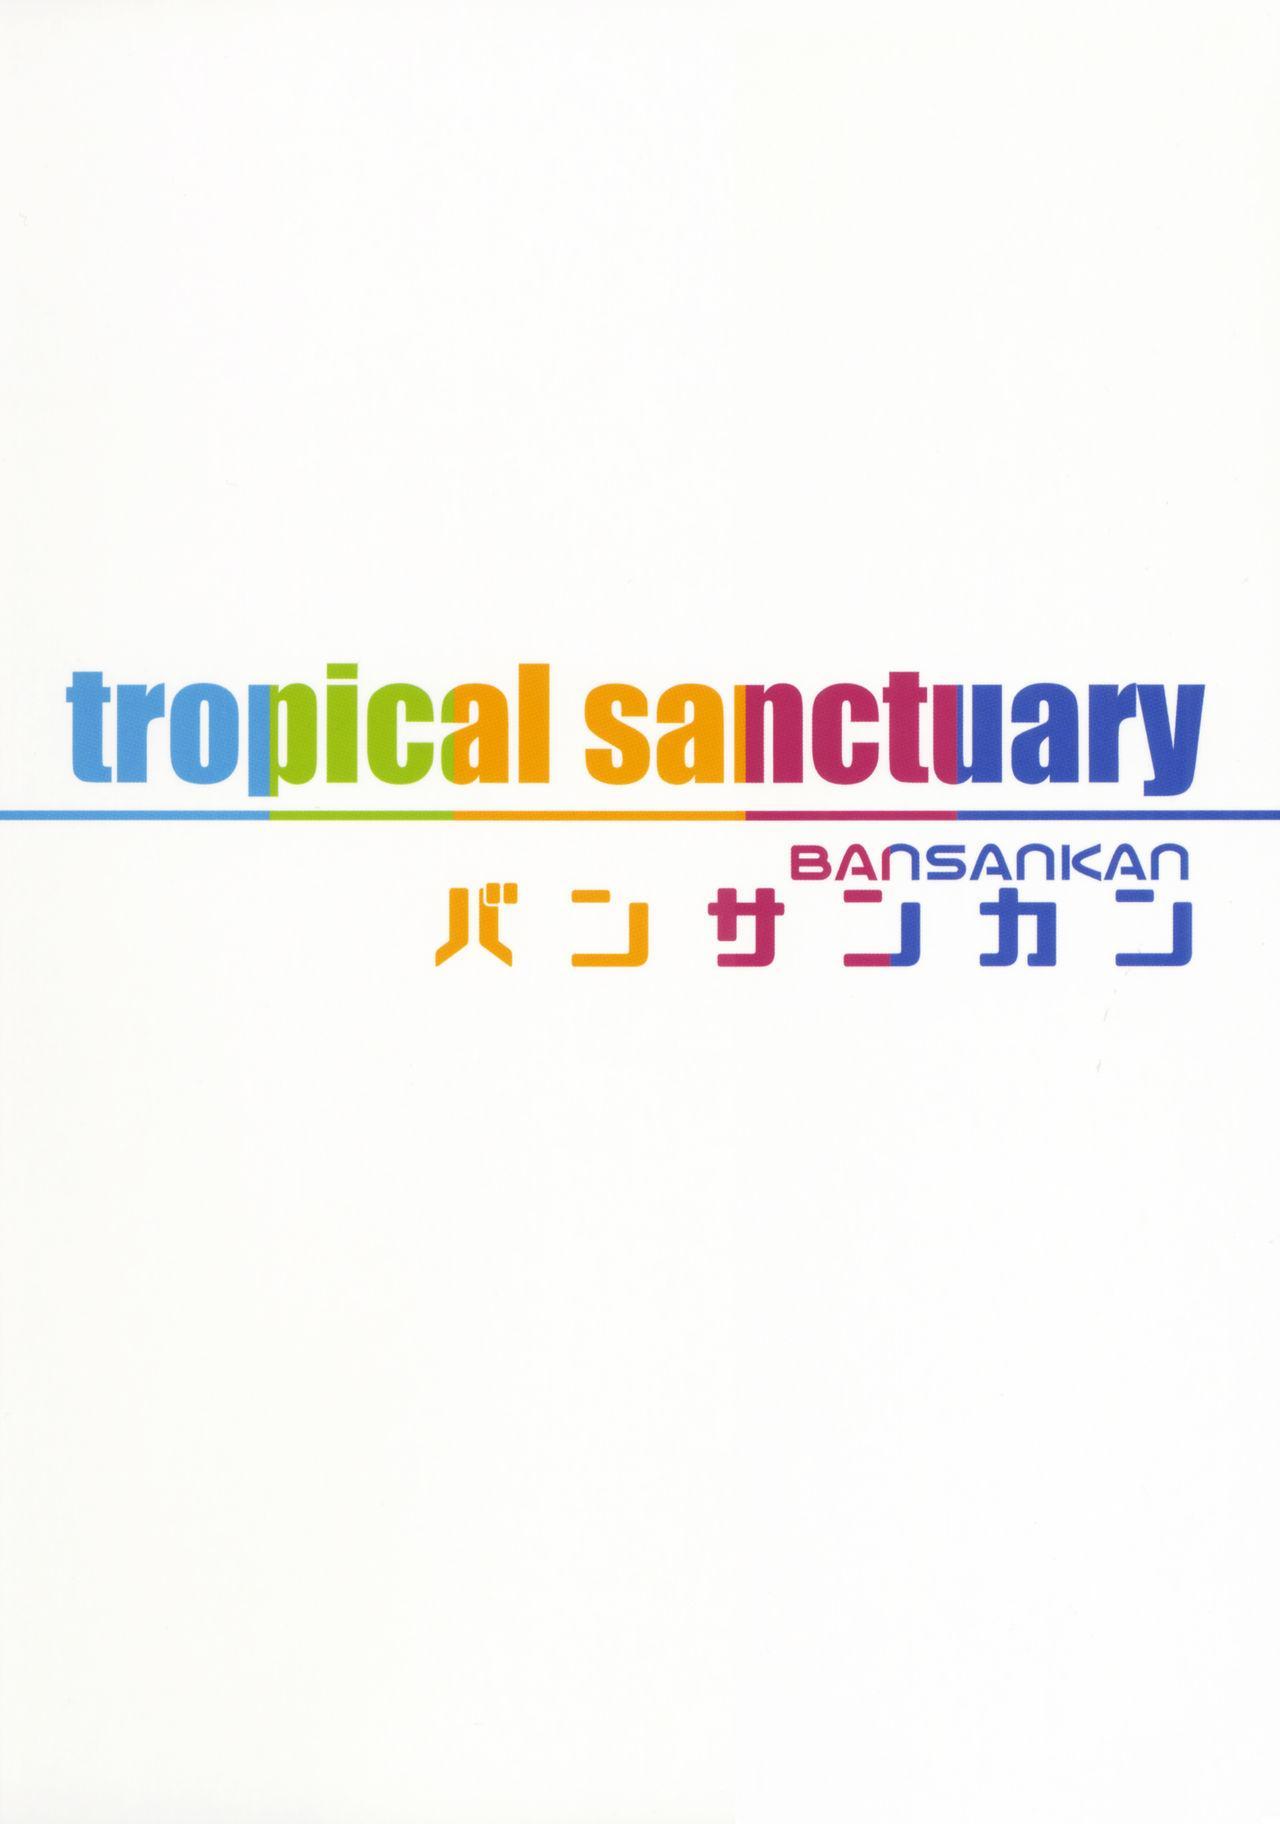 tropical sanctuary 21